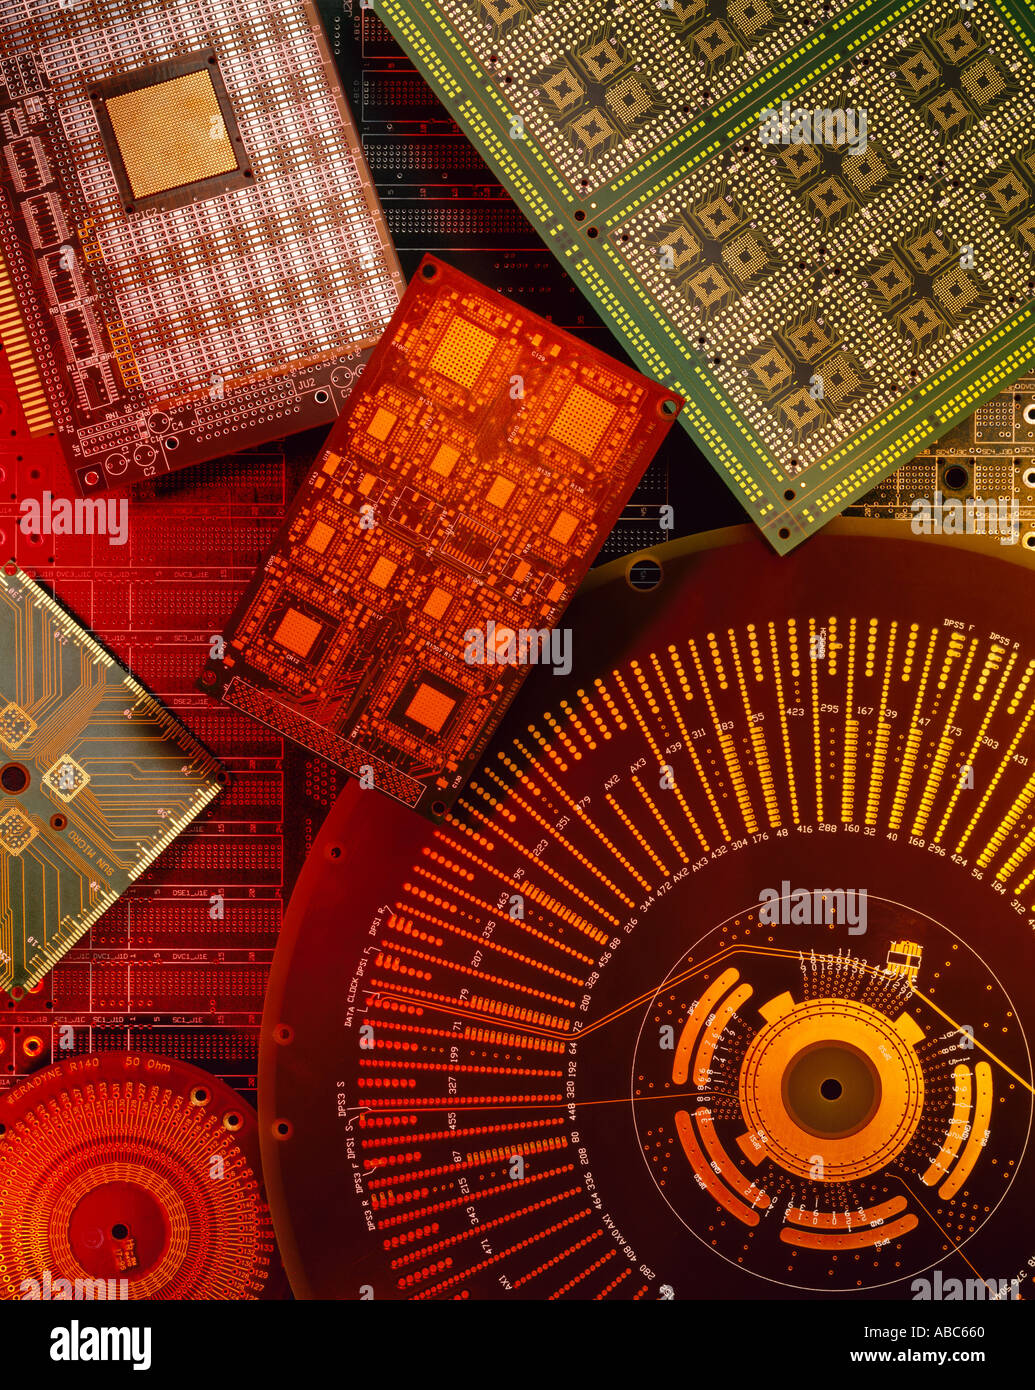 Elektronik - grafische Layout von Leiterplatten in verschiedenen Größen und Formen ohne Komponenten. Stockbild